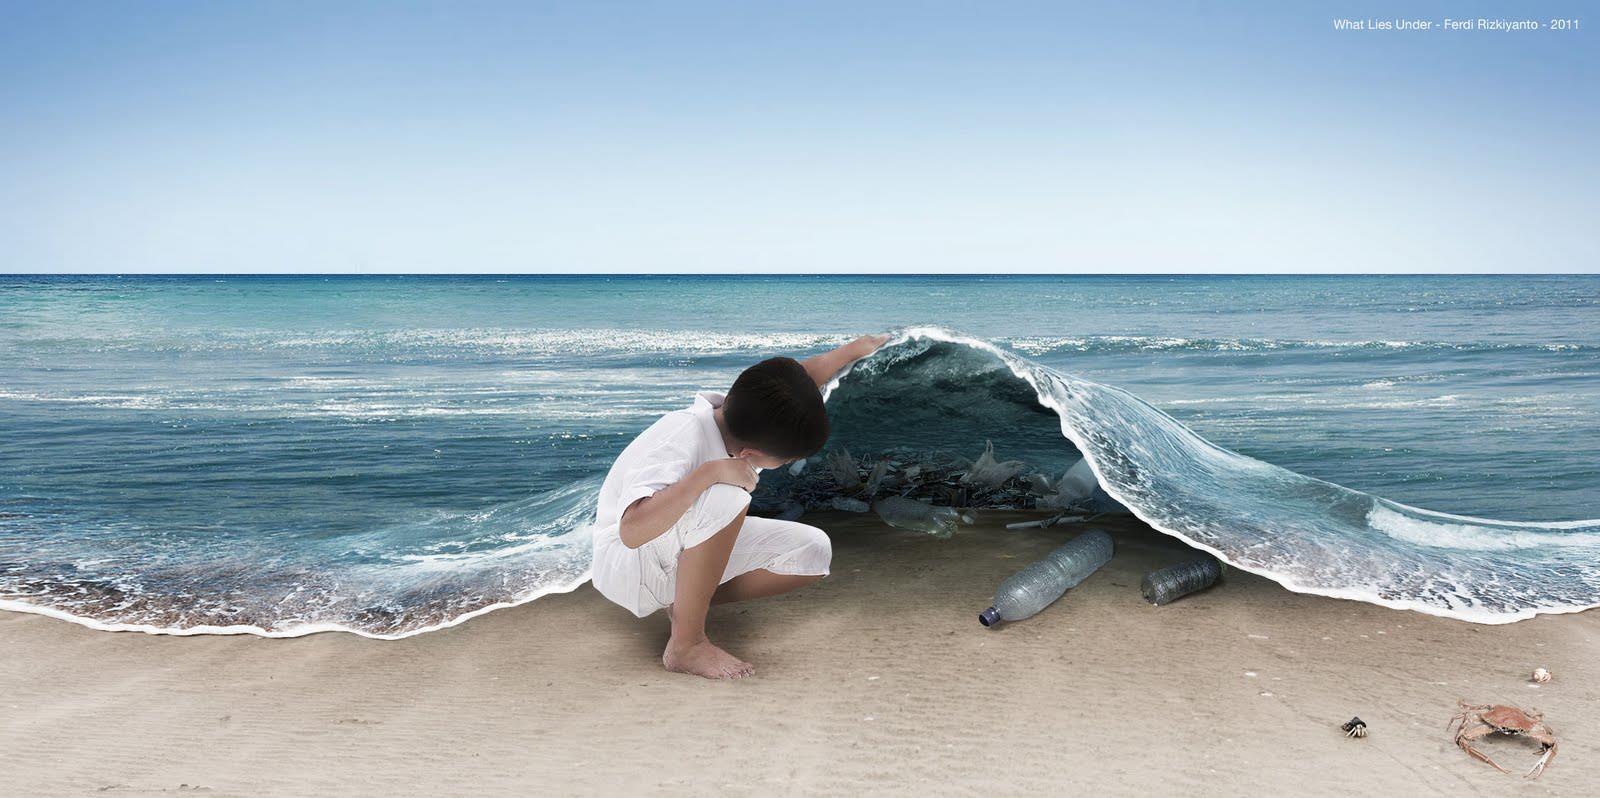 Programmes de recherche du BMBF sur le cycle de vie du plastique et son impact sur l'environnement